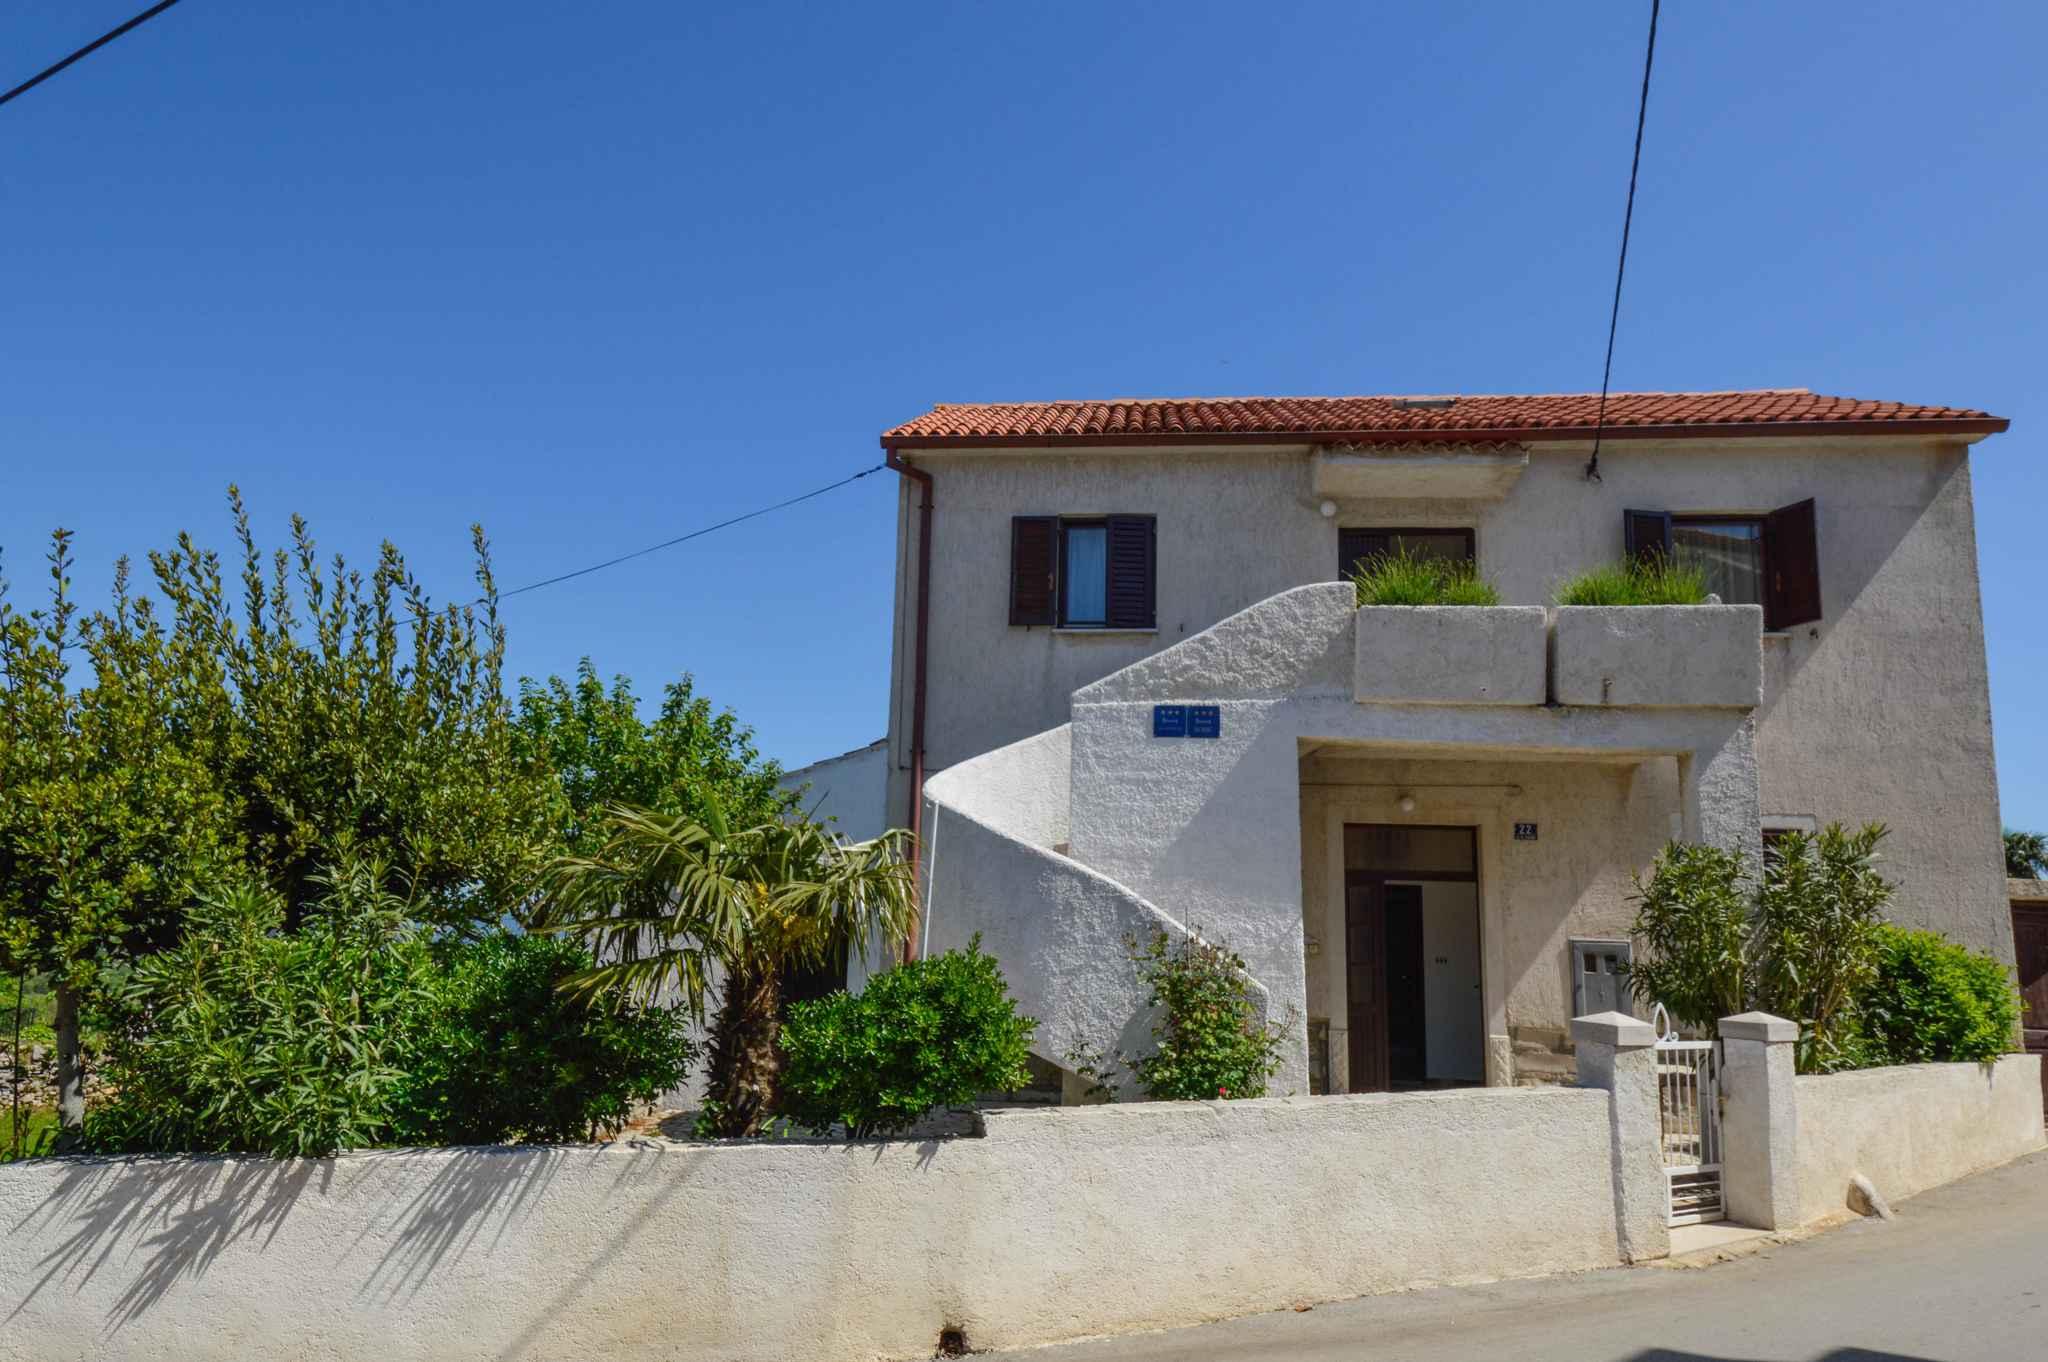 Ferienhaus mit Aussenpool im Dorf (974973), Marcana, , Istrien, Kroatien, Bild 5